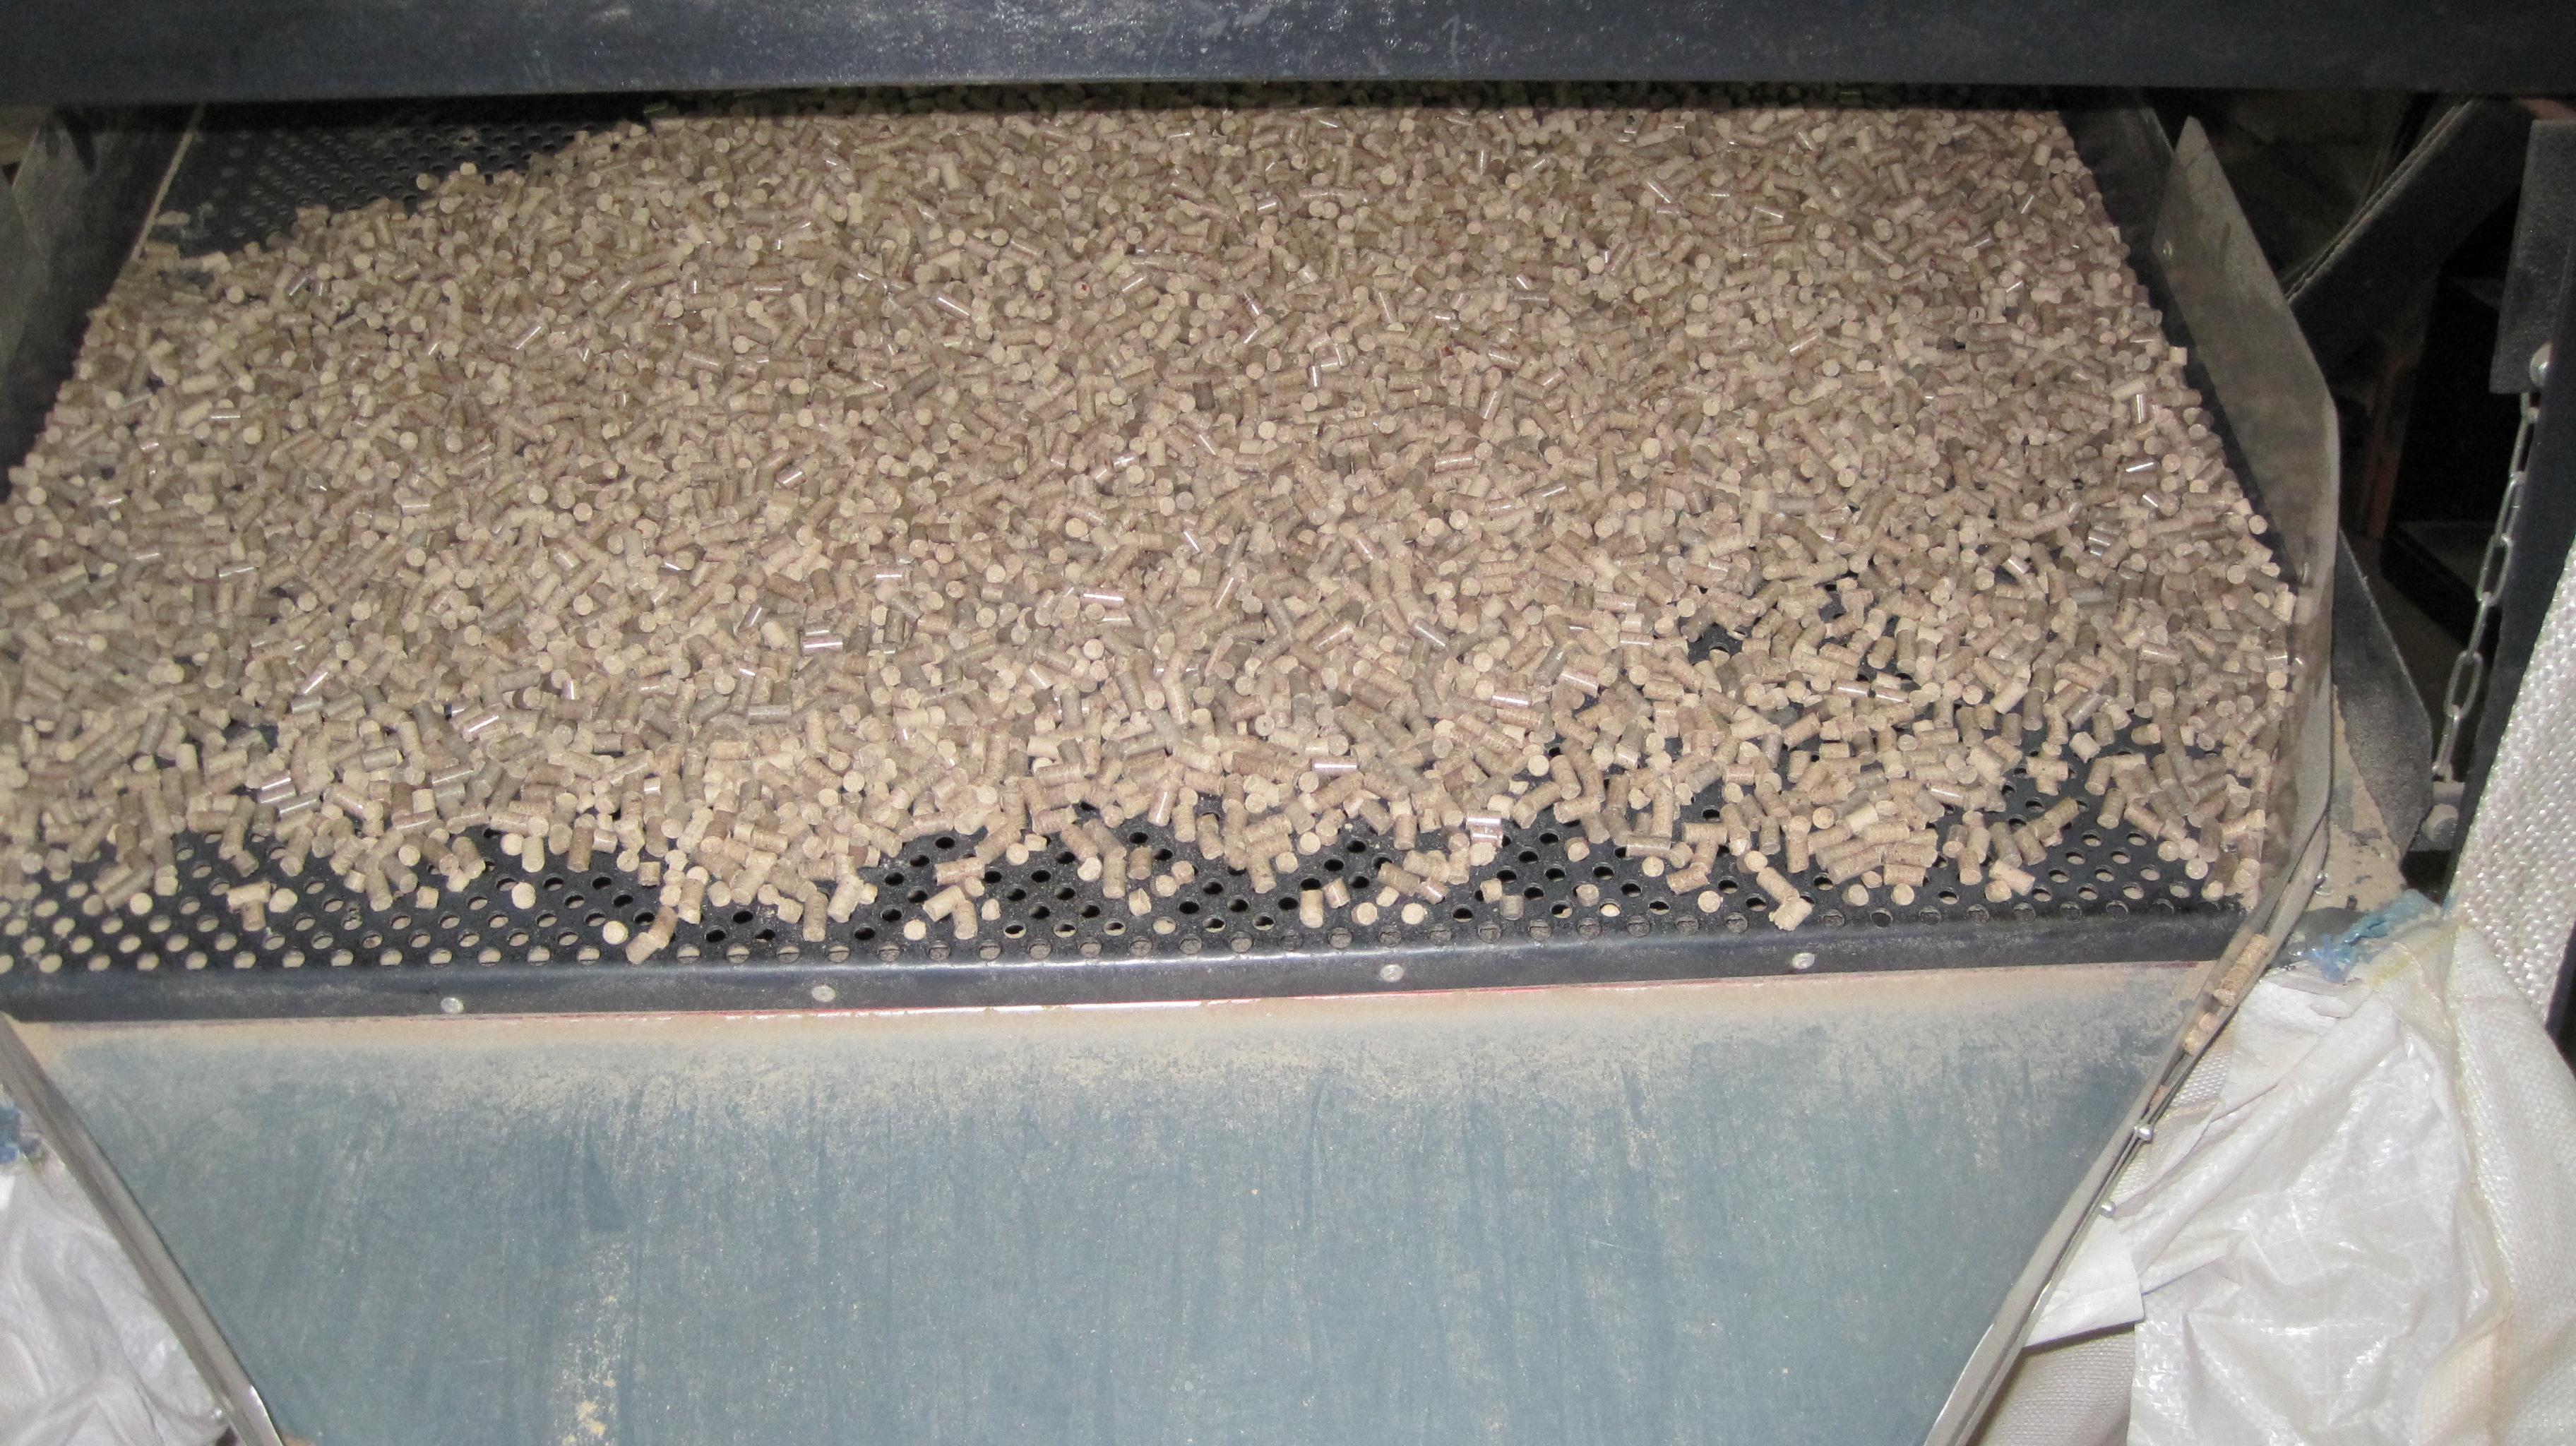 木颗粒 - 木砖 - 木炭, 木颗粒, all species图片